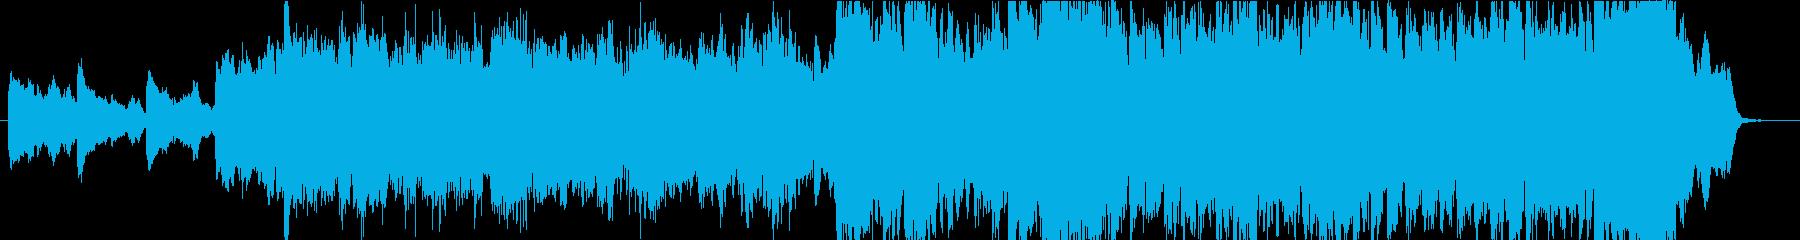 徐々に盛り上がるポジティブなオーケストラの再生済みの波形